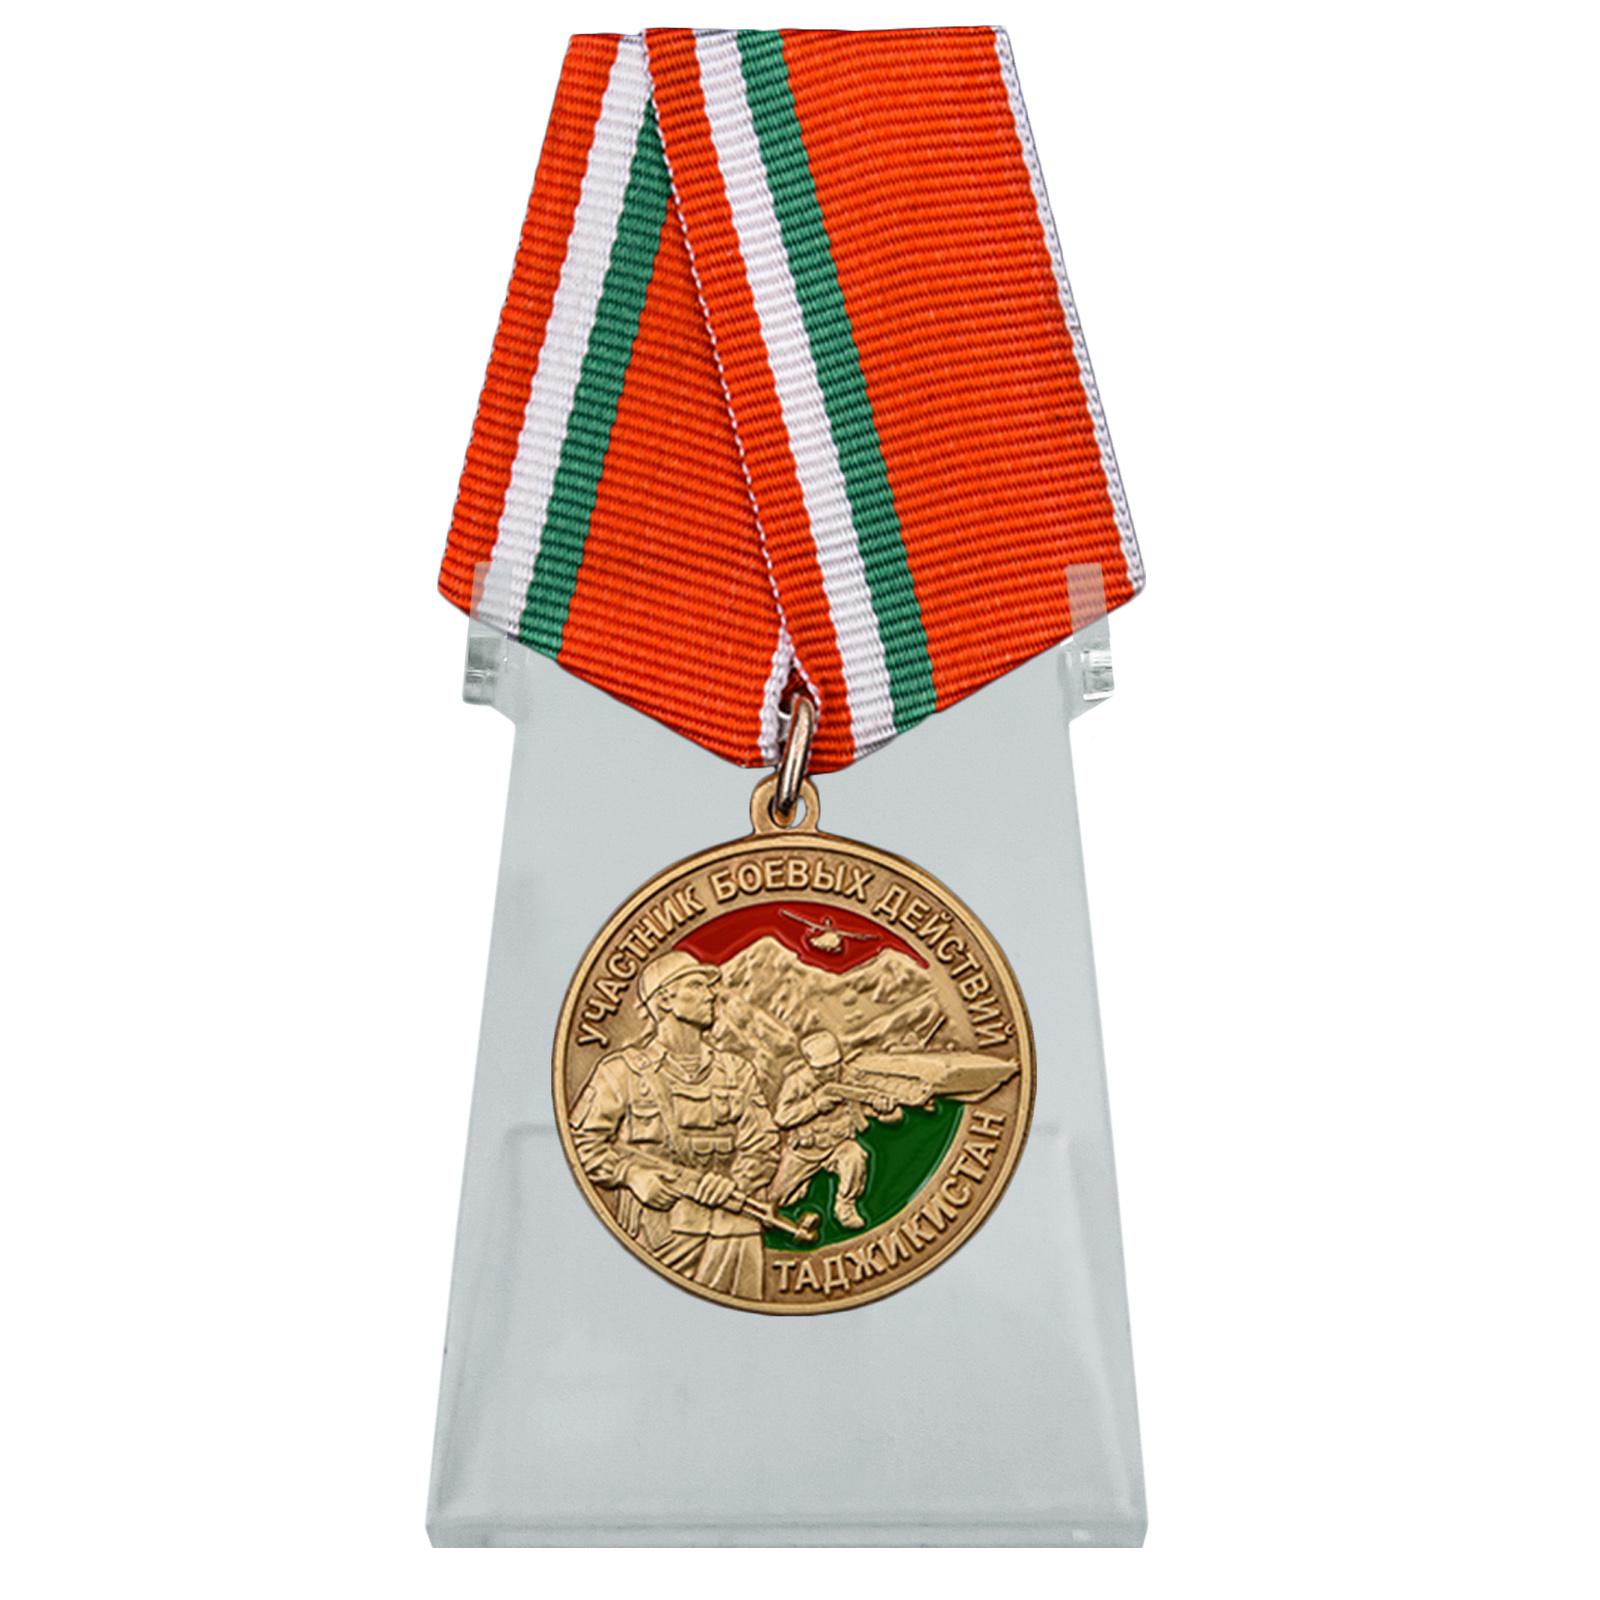 Медаль Участник боевых действий в Таджикистане на подставке